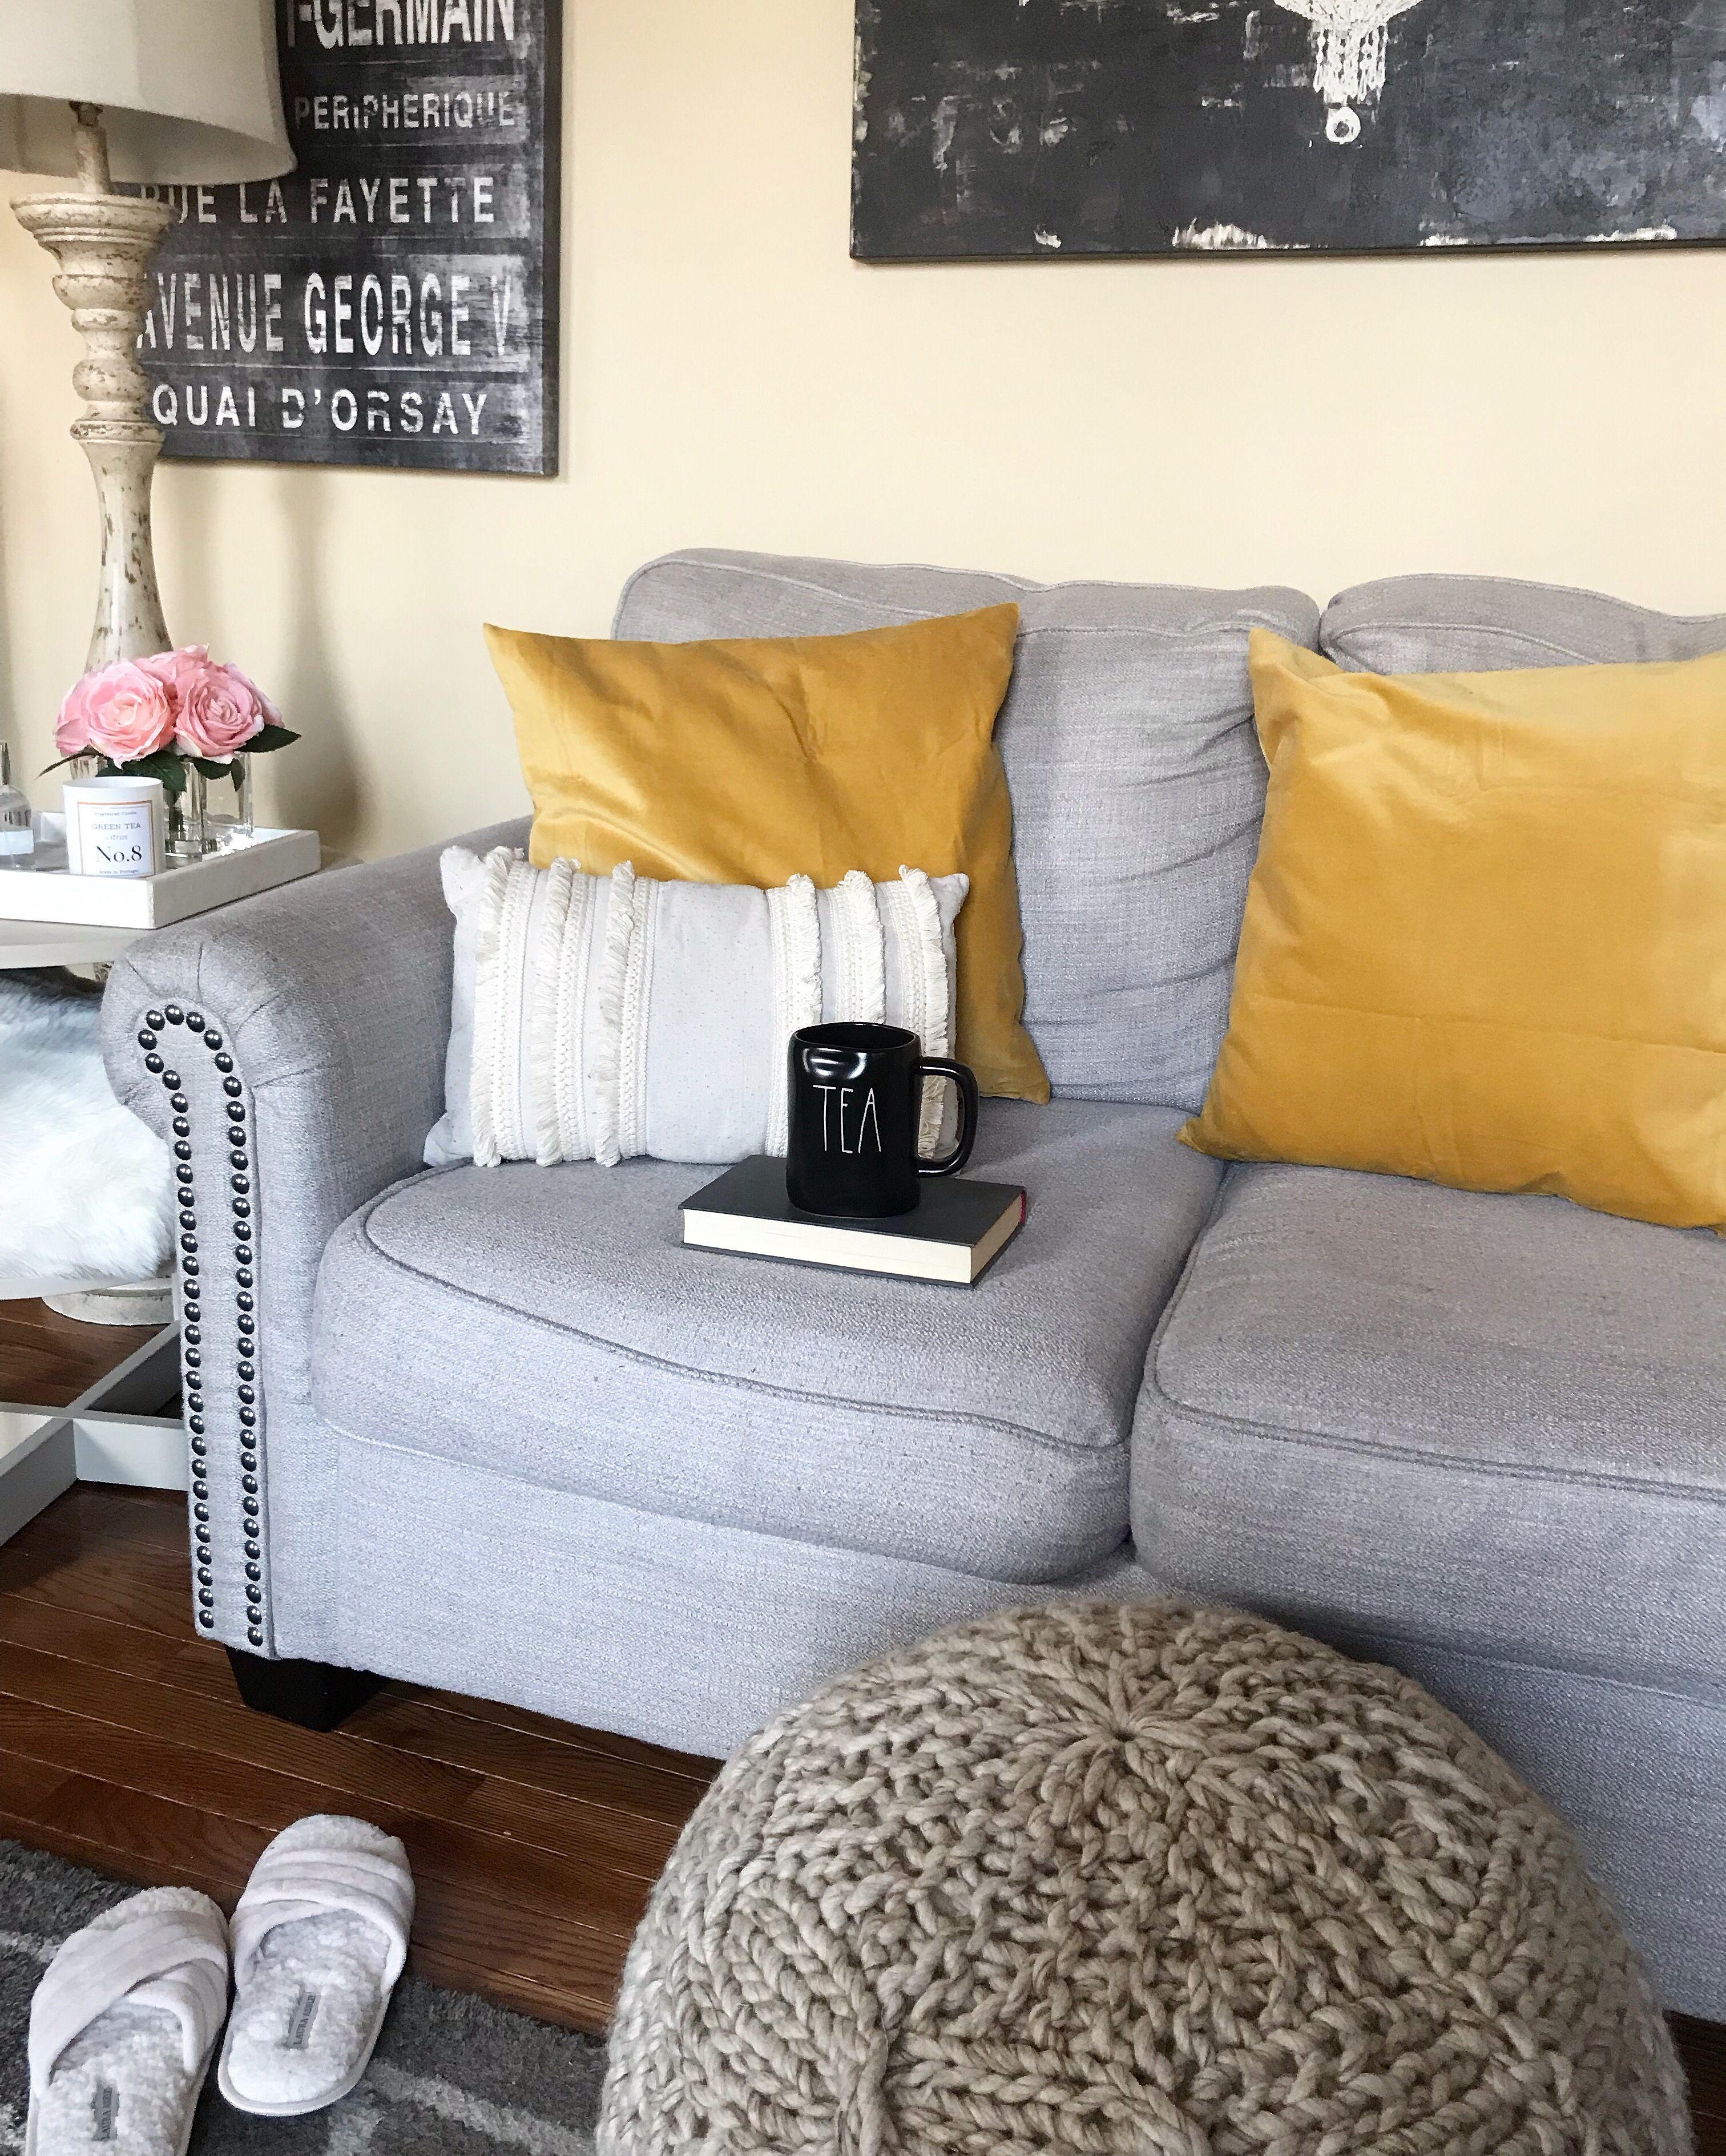 Rae Dunn Livingroom Decor Home Decor Interior Design Home